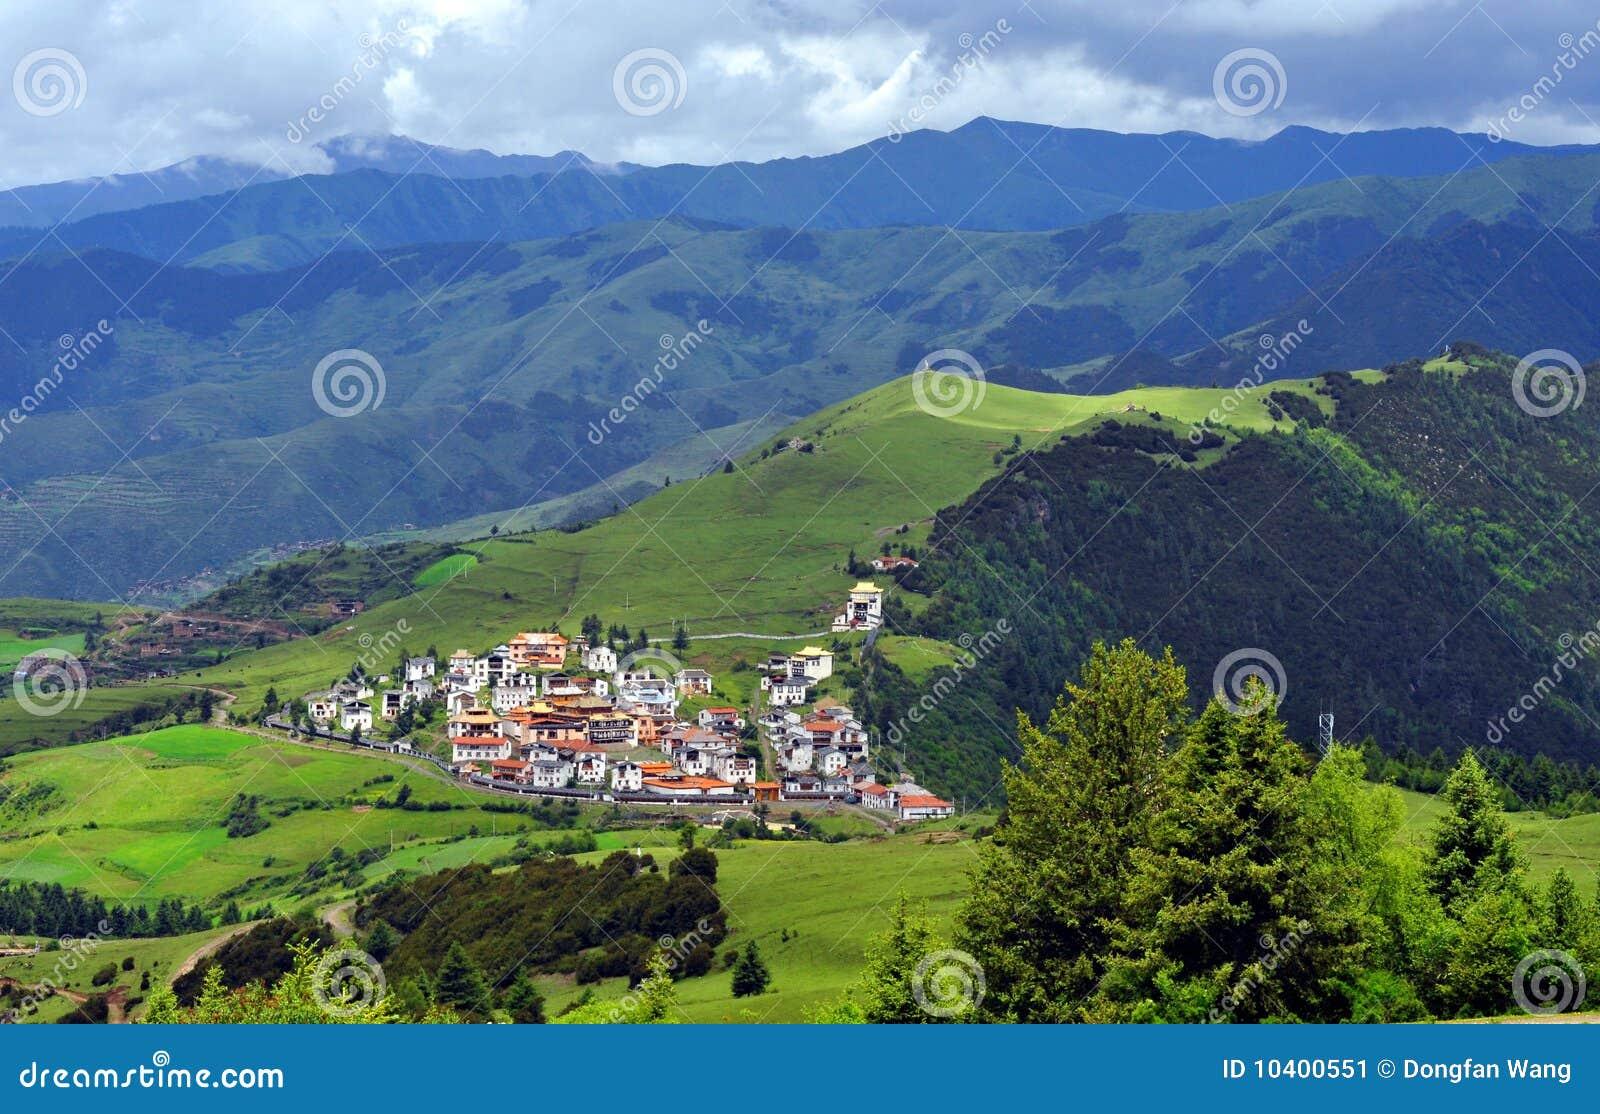 Villaggio del tibetano delle montagne